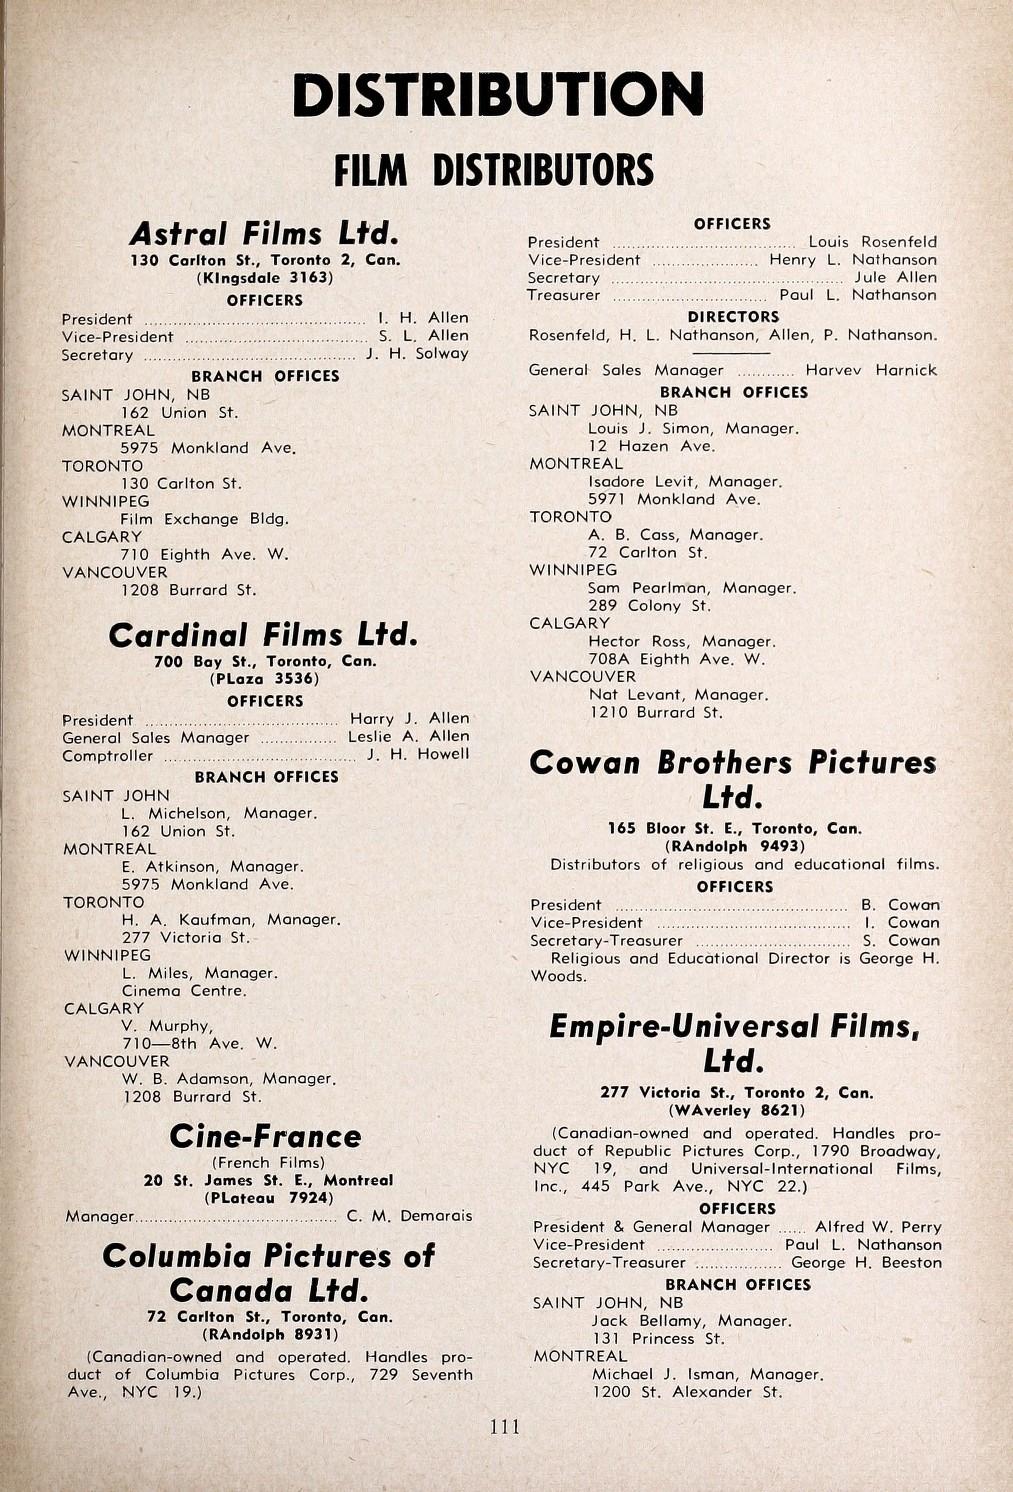 1951yearbookcana00film_jp2.zip&file=1951yearbookcana00film_jp2%2f1951yearbookcana00film_0113